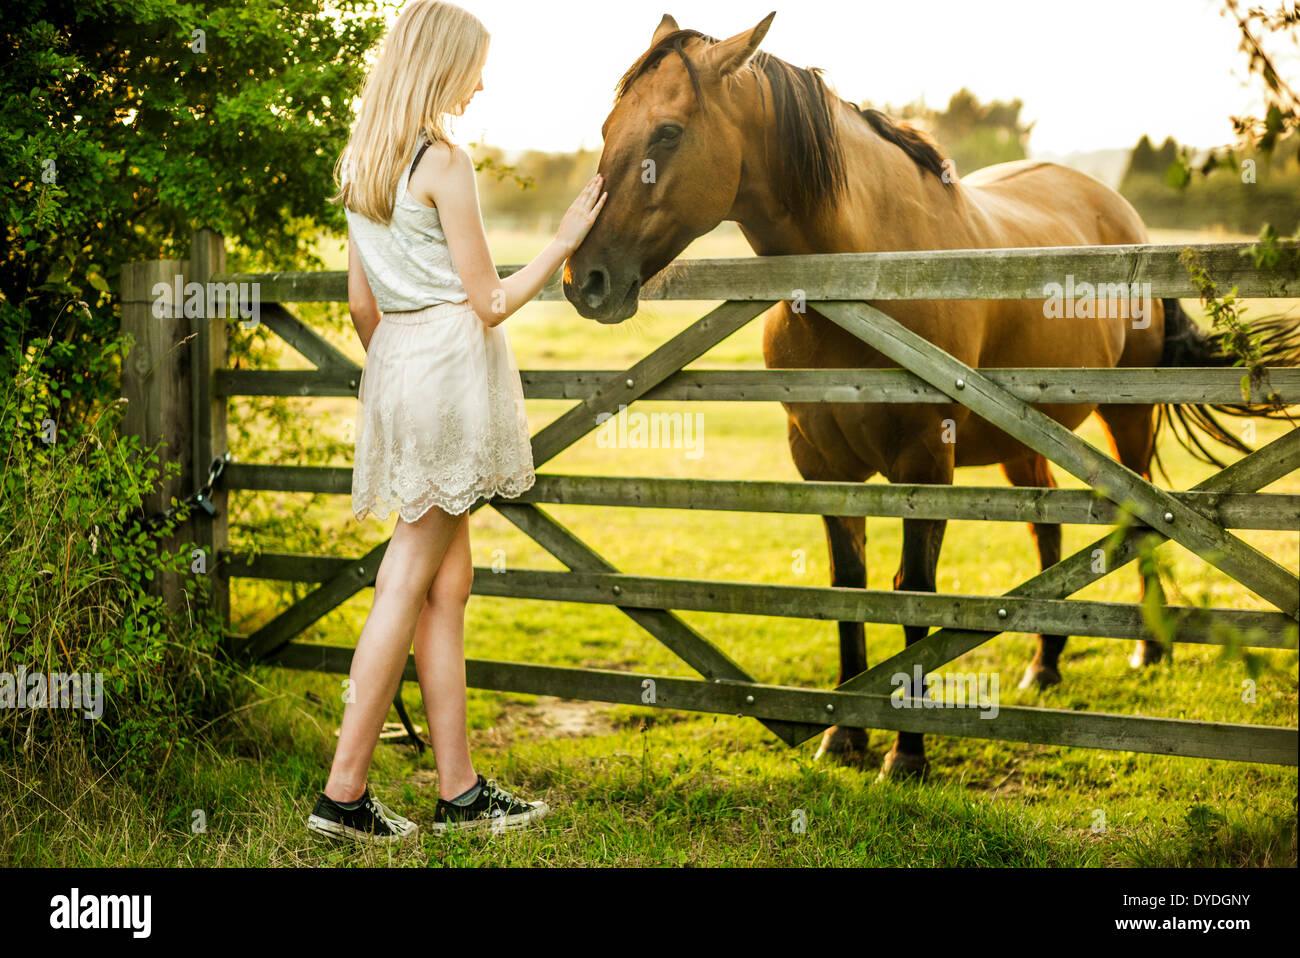 Une jeune fille de 15 ans avec un cheval. Photo Stock